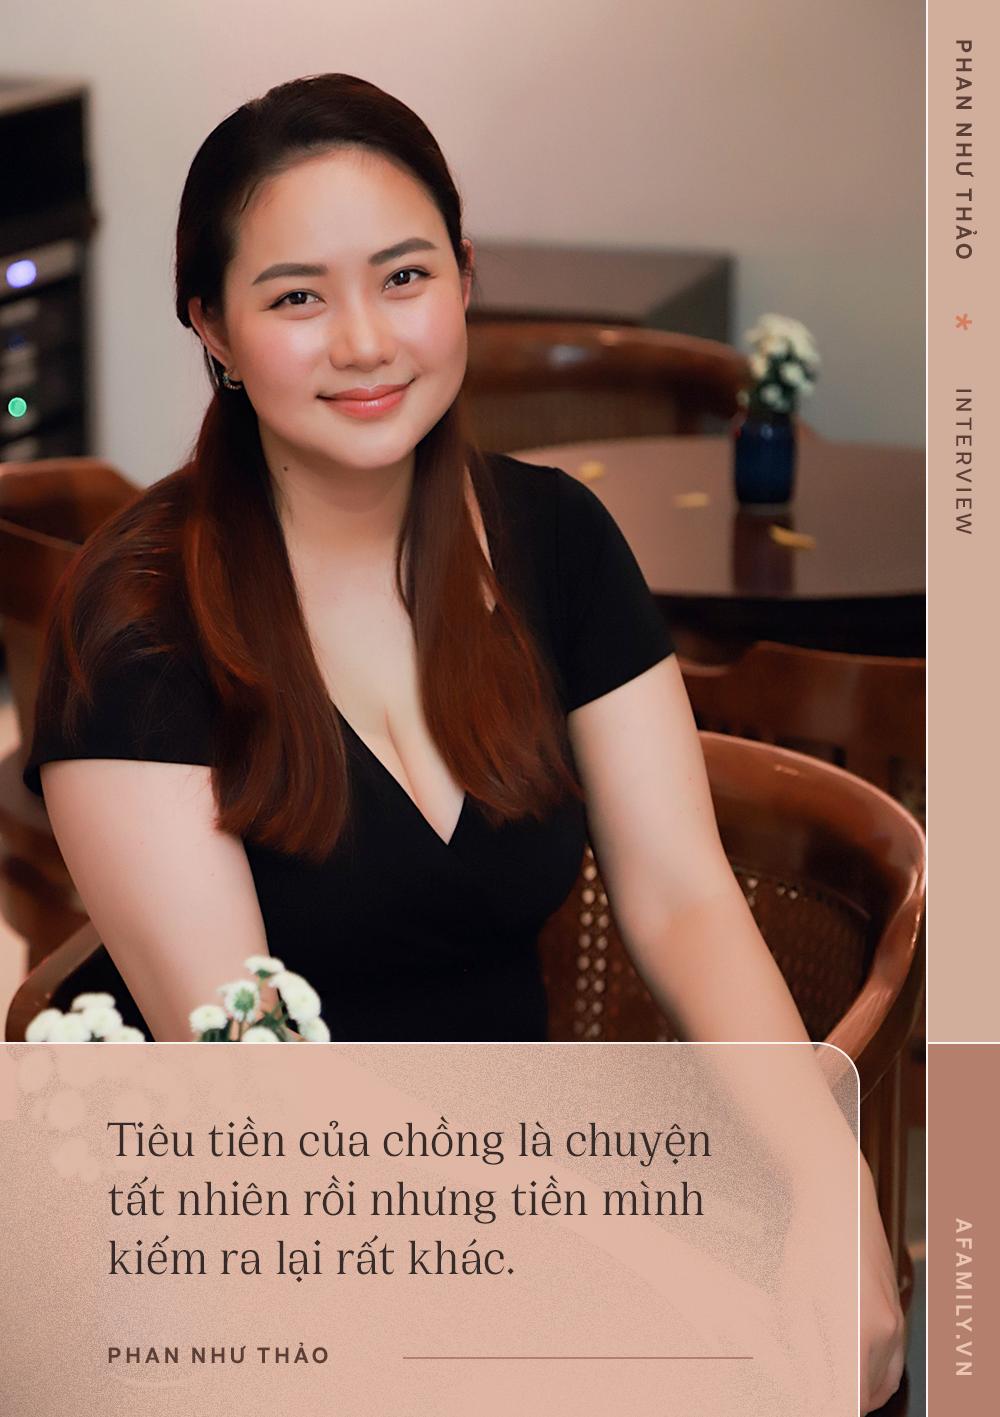 """Phan Như Thảo: Chồng mình yêu tới """"mờ mắt"""" nên vợ béo vẫn thấy hấp dẫn, thậm chí còn bảo sống mà ăn uống khổ sở thì chết đi cho rồi - Ảnh 1."""